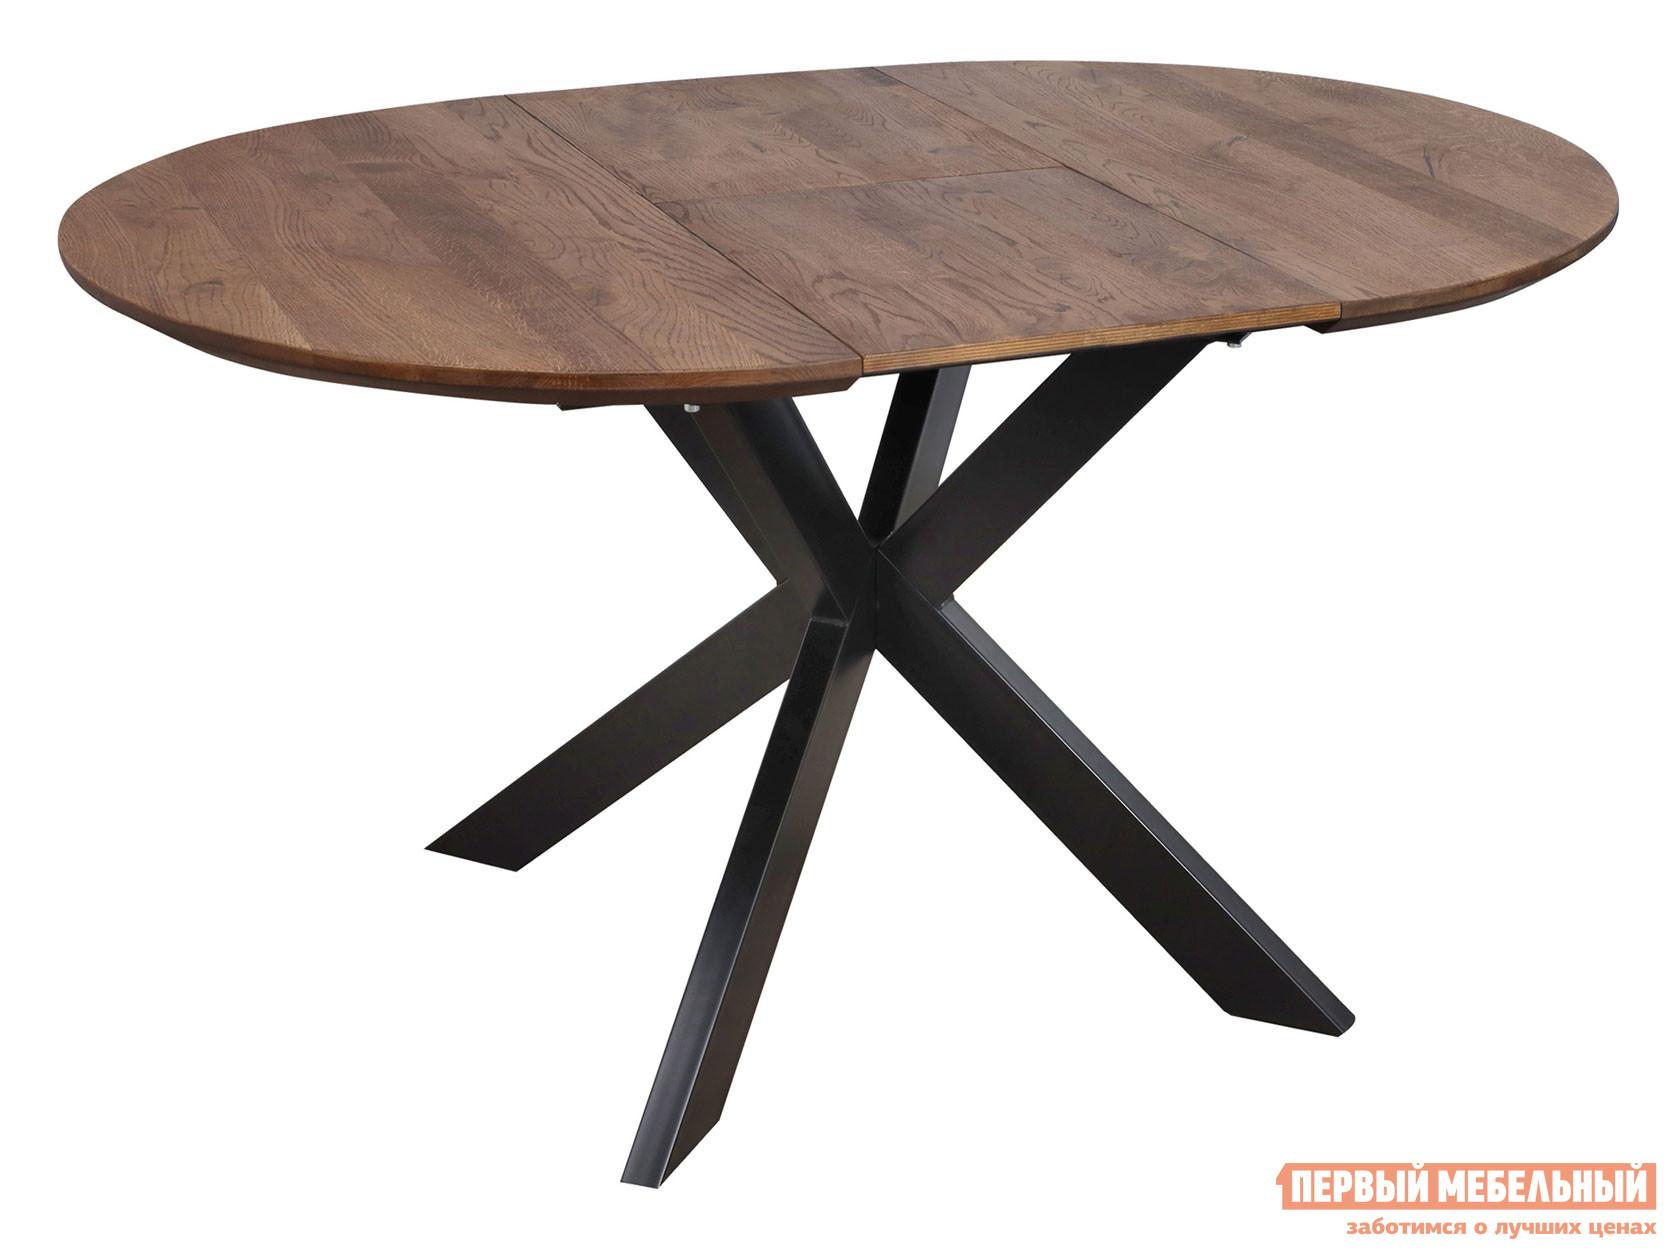 Кухонный стол  РАУНД Дуб мореный / Черный, металл Базистрейд 138271